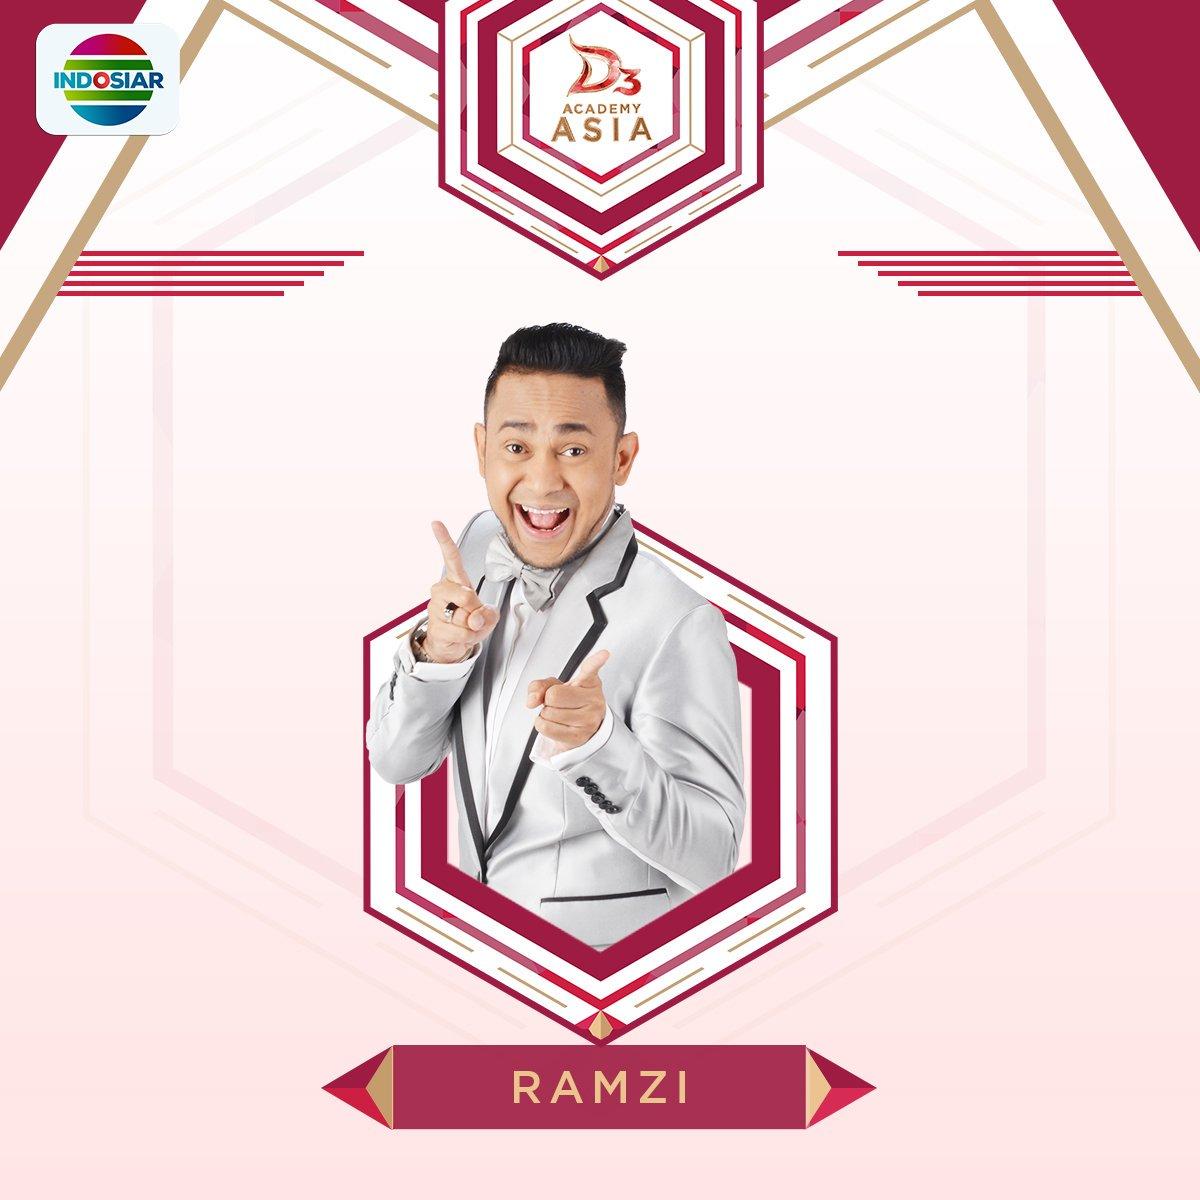 Ayo dukung Ramzi sebagai Host Favorit Pilihan Sosial Media, dengan cara tweet #DAA3(spasi)Ramzi sekarang! https://t.co/6qJftOwvFJ